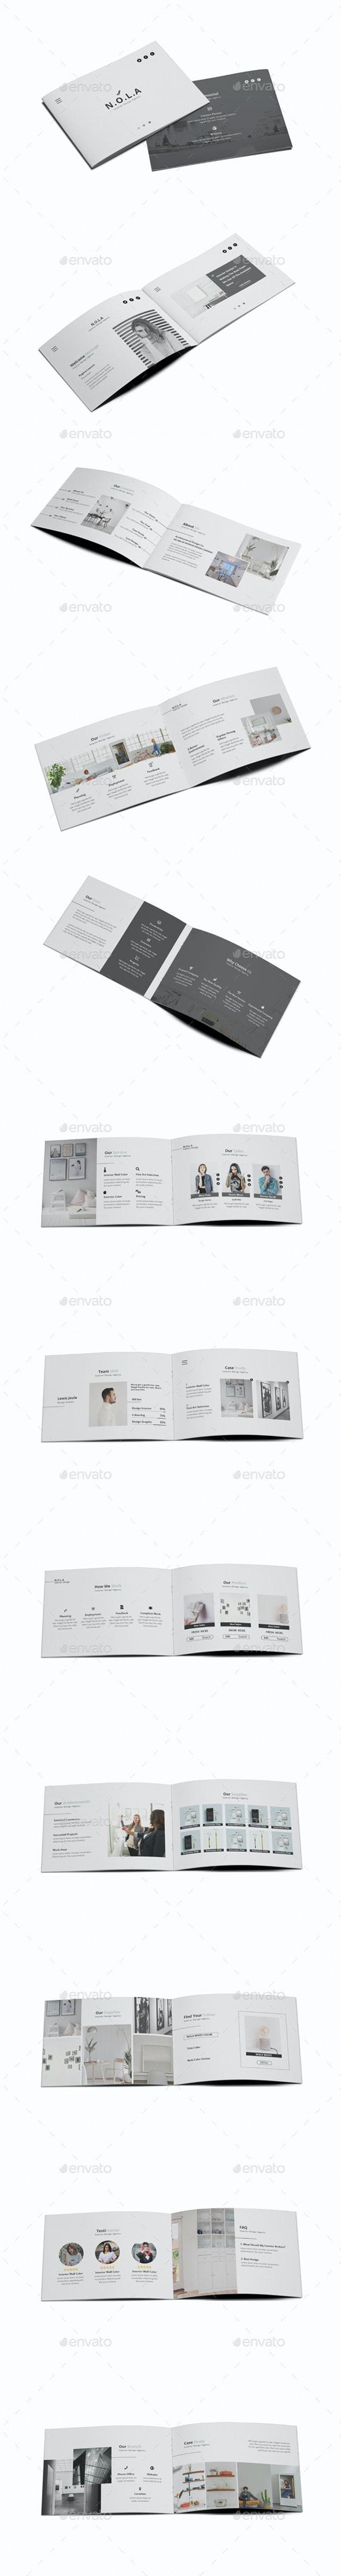 Nola Interior Design A5 Brochure - Brochures Print Templates